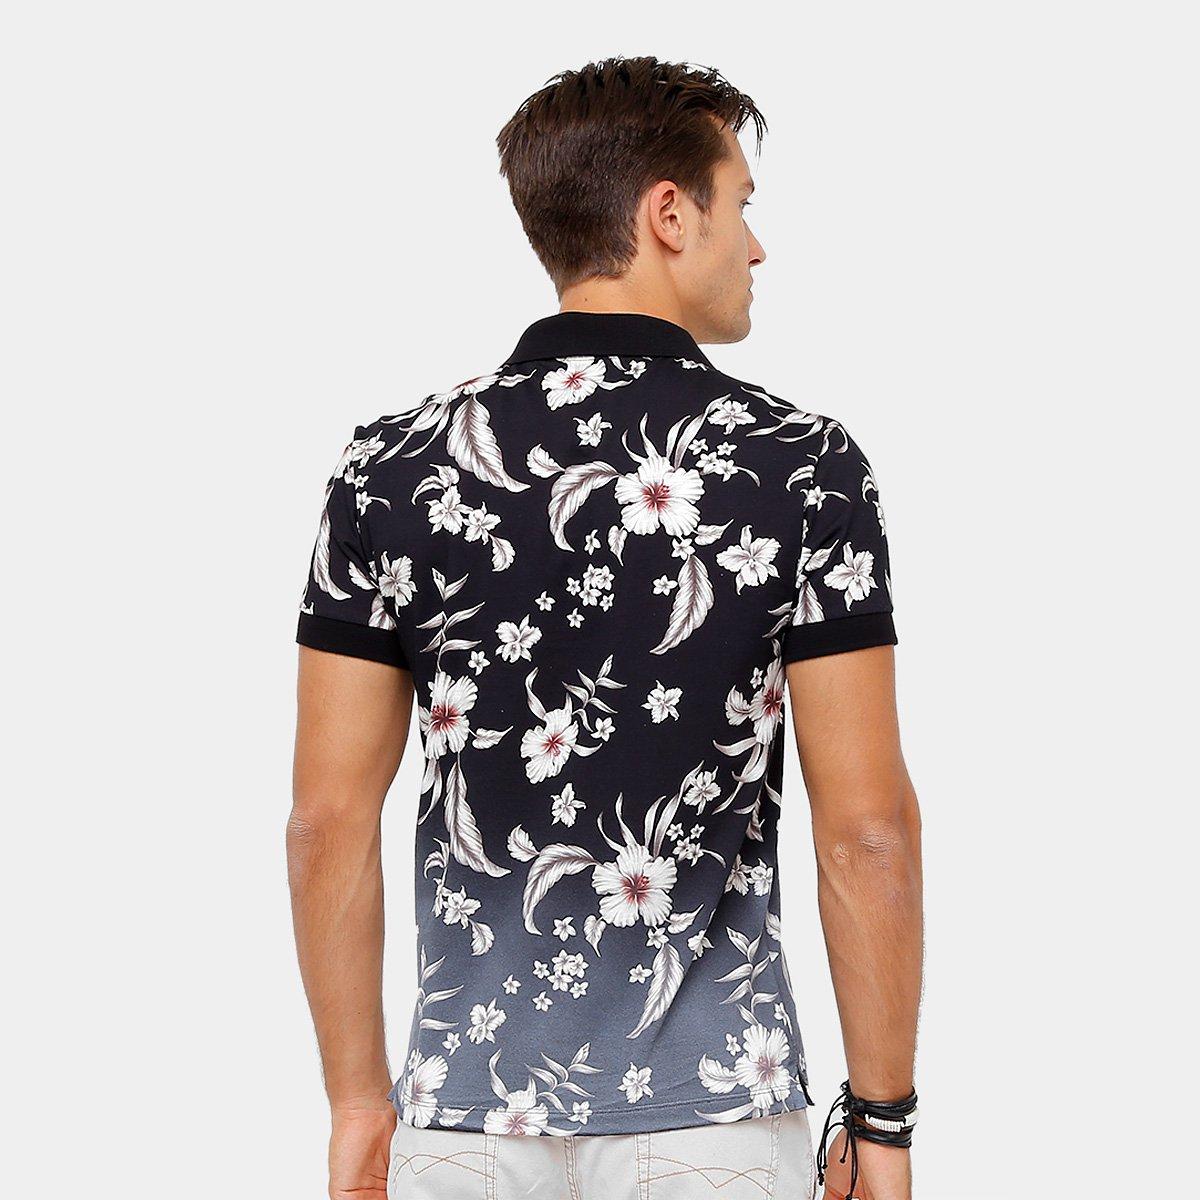 e322f93d720d9 ... Camisa Polo Sommer Malha Full Print Flower Degradê Masculina ...